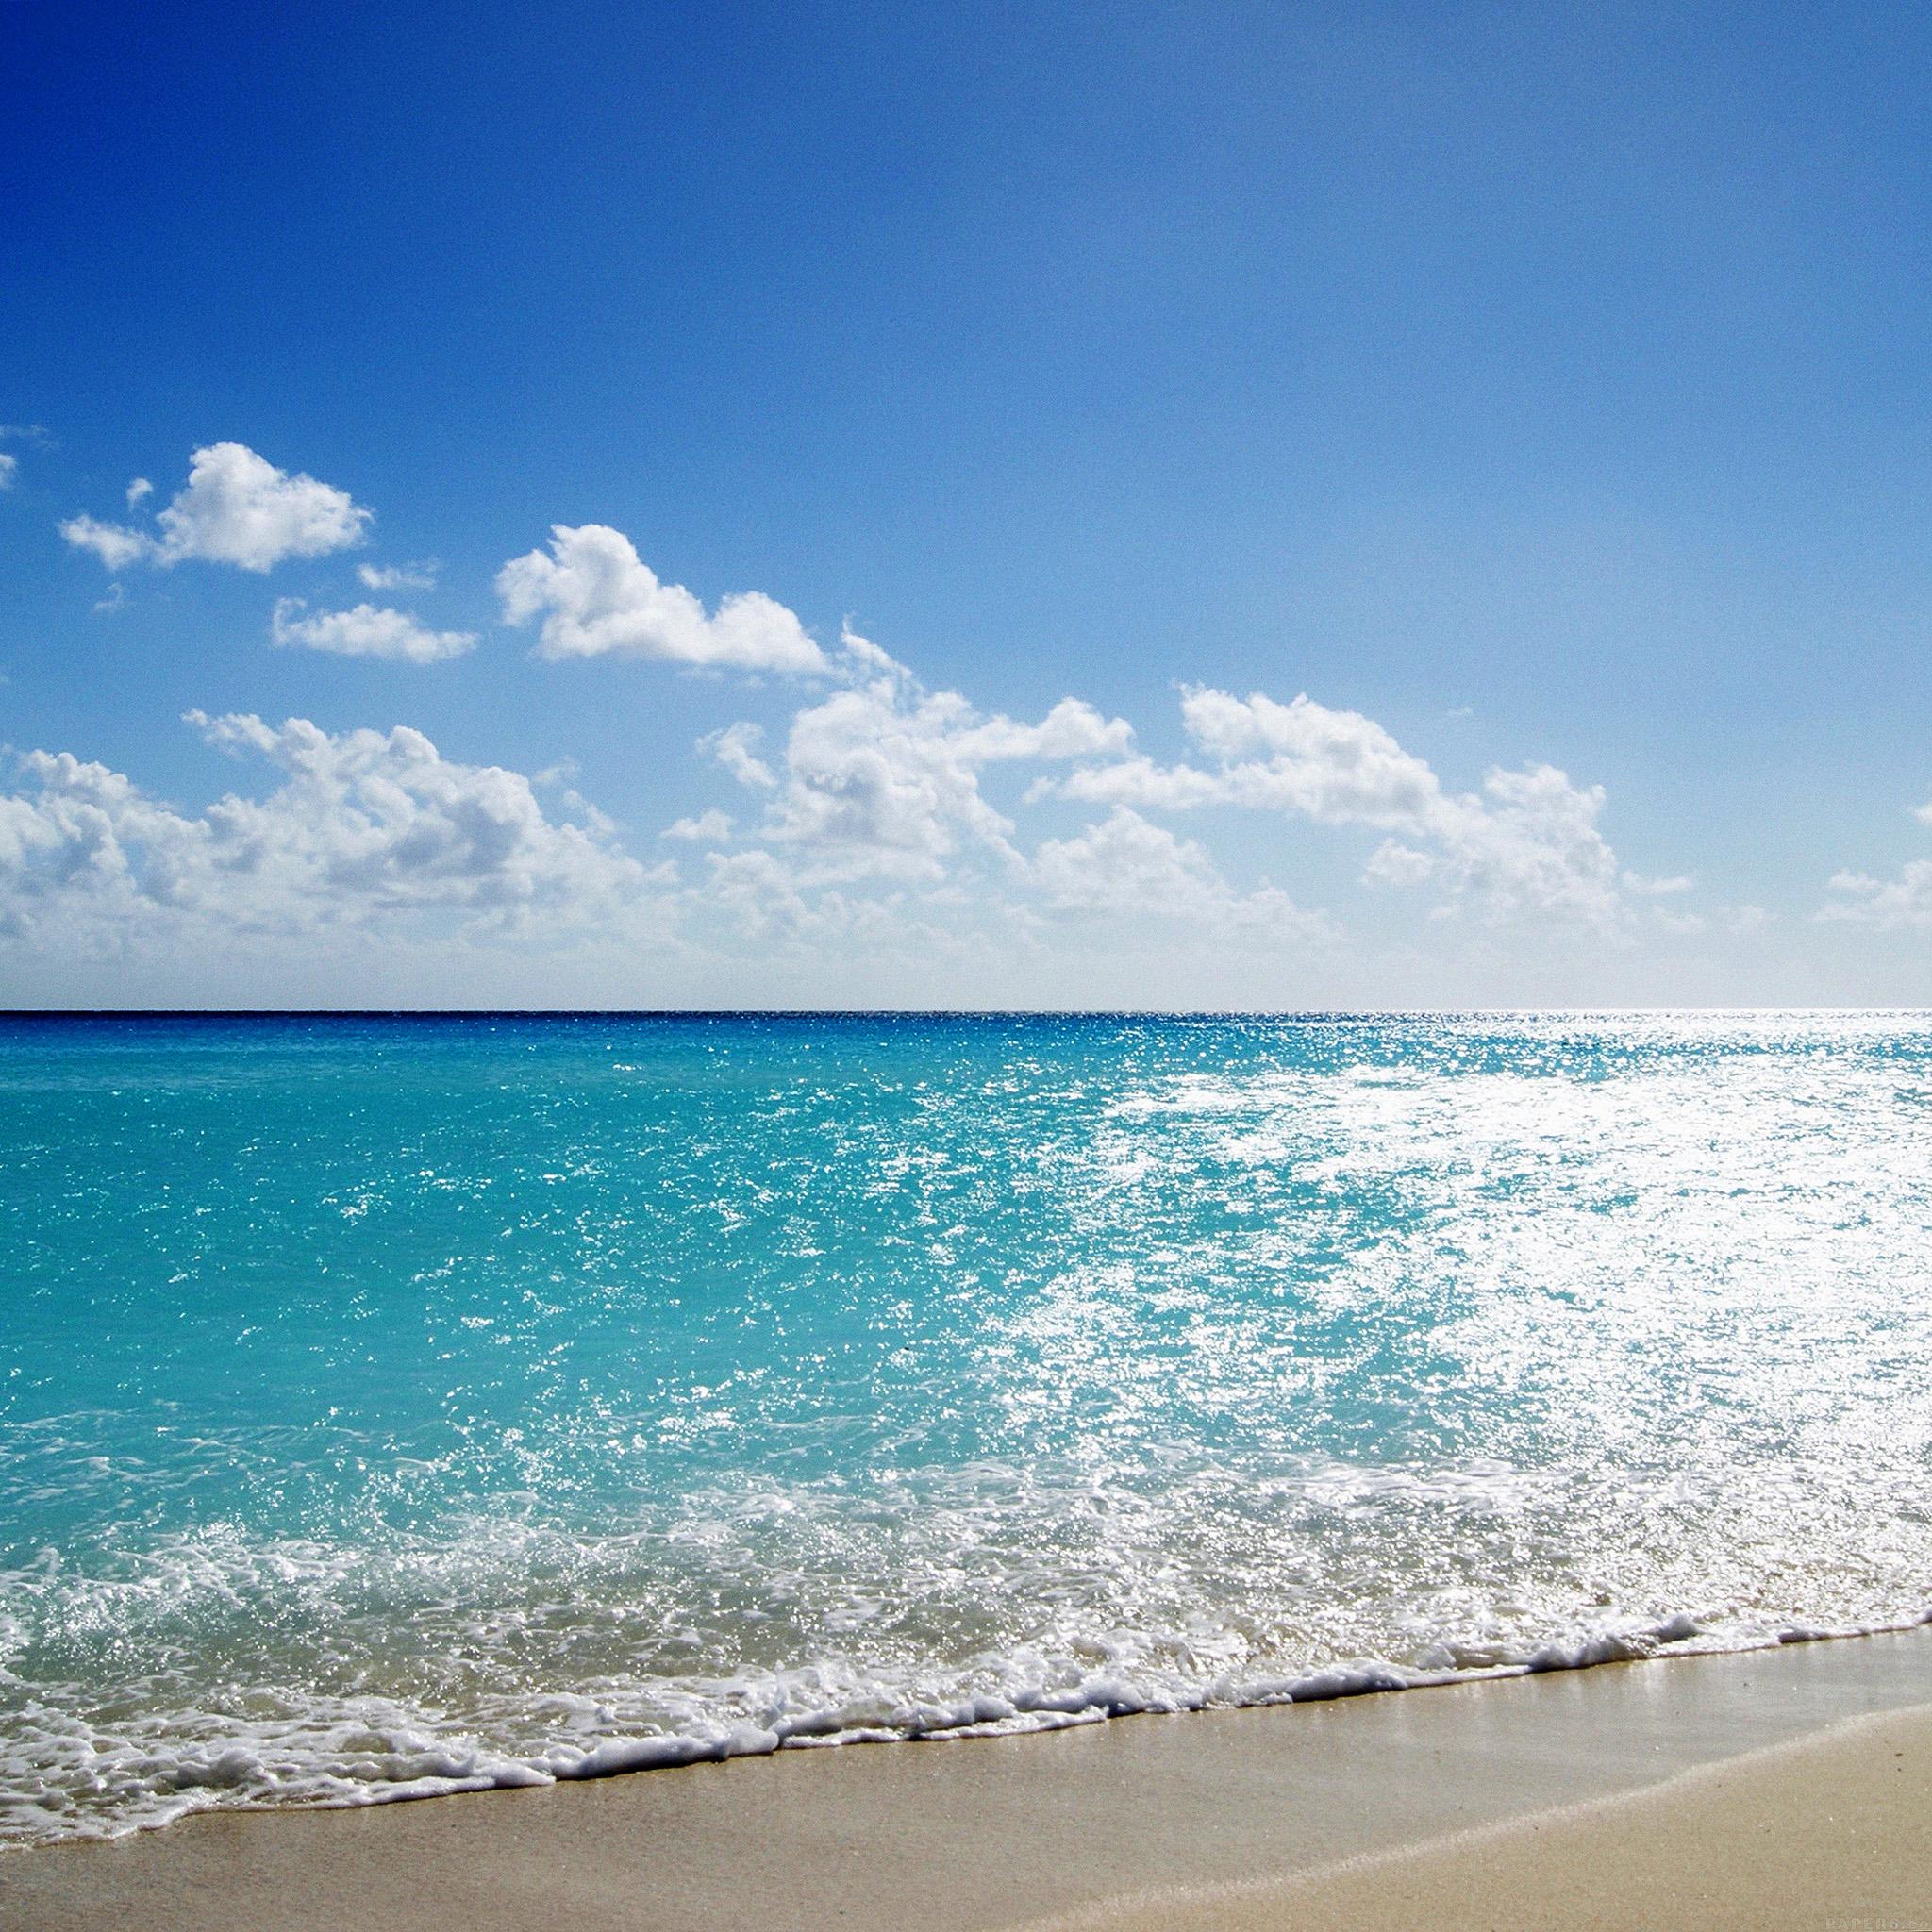 Hd Ocean Wallpaper: Mj67-sea-water-ocean-sky-sunny-nature